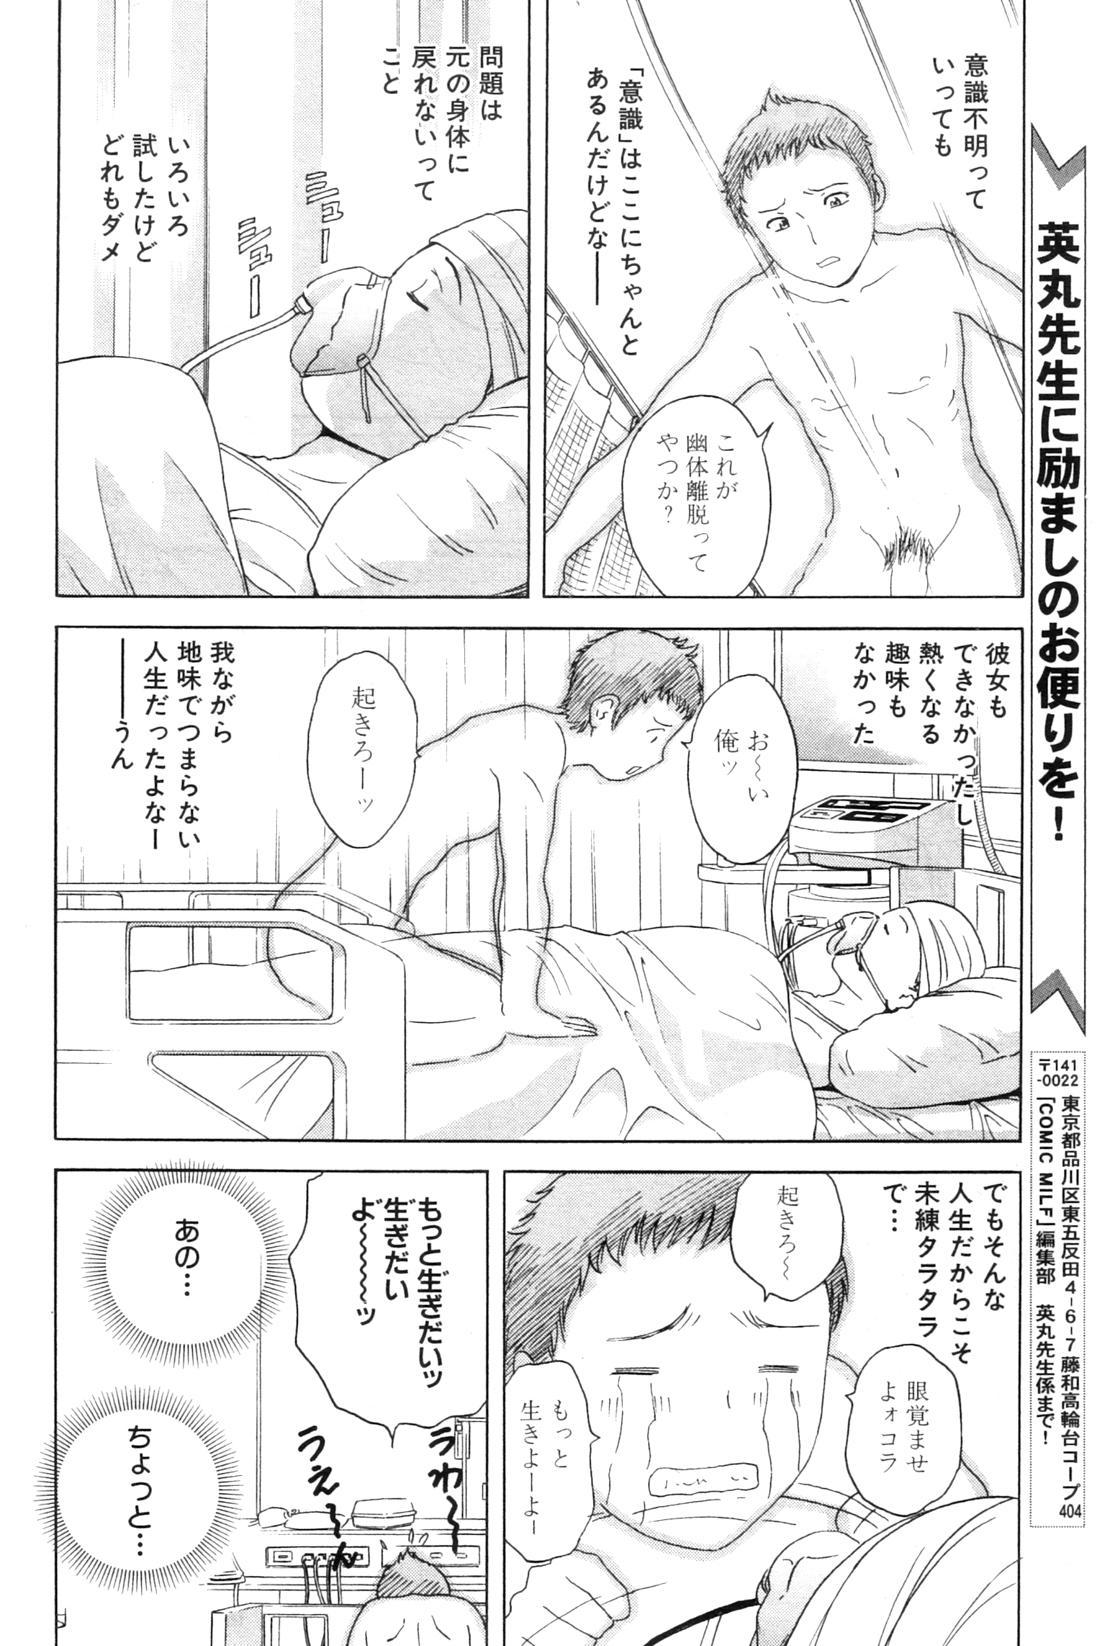 Kodomo ni Natte Okashi Makuru yo! Ch. 1-4 1